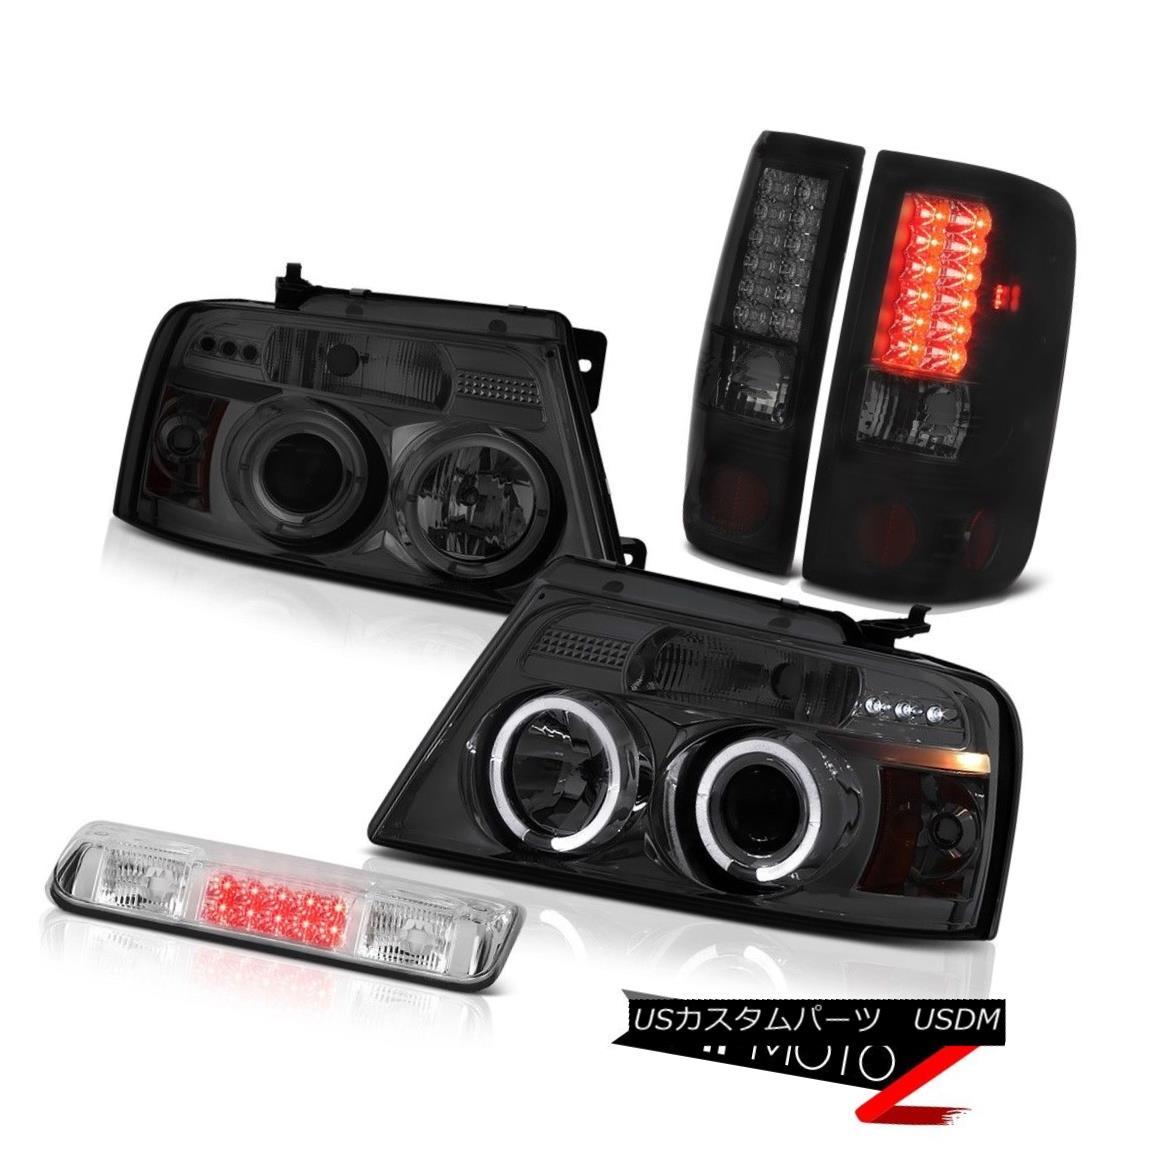 テールライト 04-08 Ford F150 XLT Roof Cab Lamp Headlights Darkest Smoke Parking Brake Lights 04-08 Ford F150 XLTルーフキャブのランプヘッドライトダークスモークスモークパーキングブレーキライト